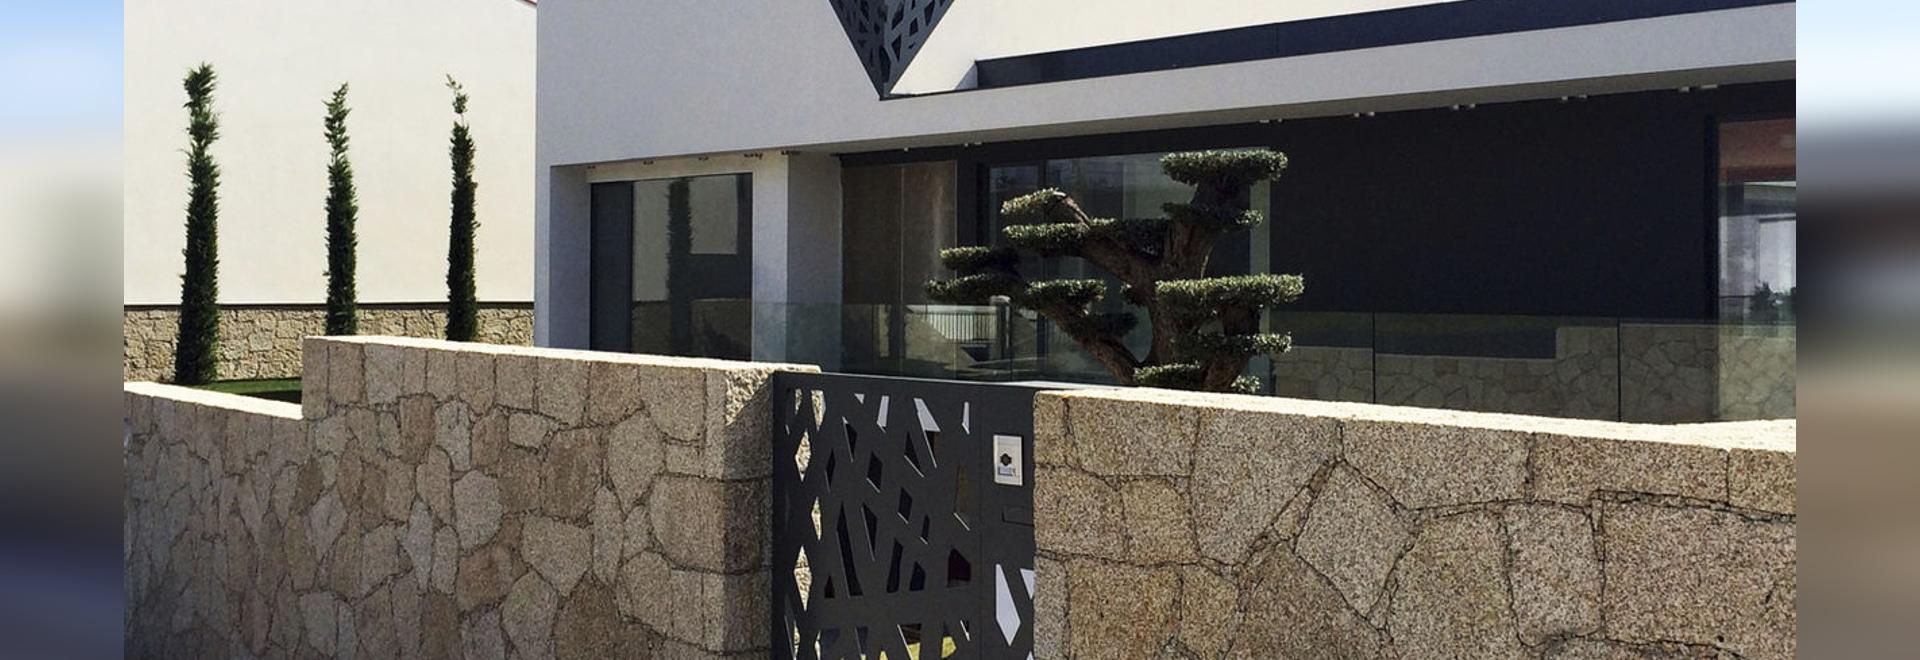 NUEVO: puerta del marco por BPLAN